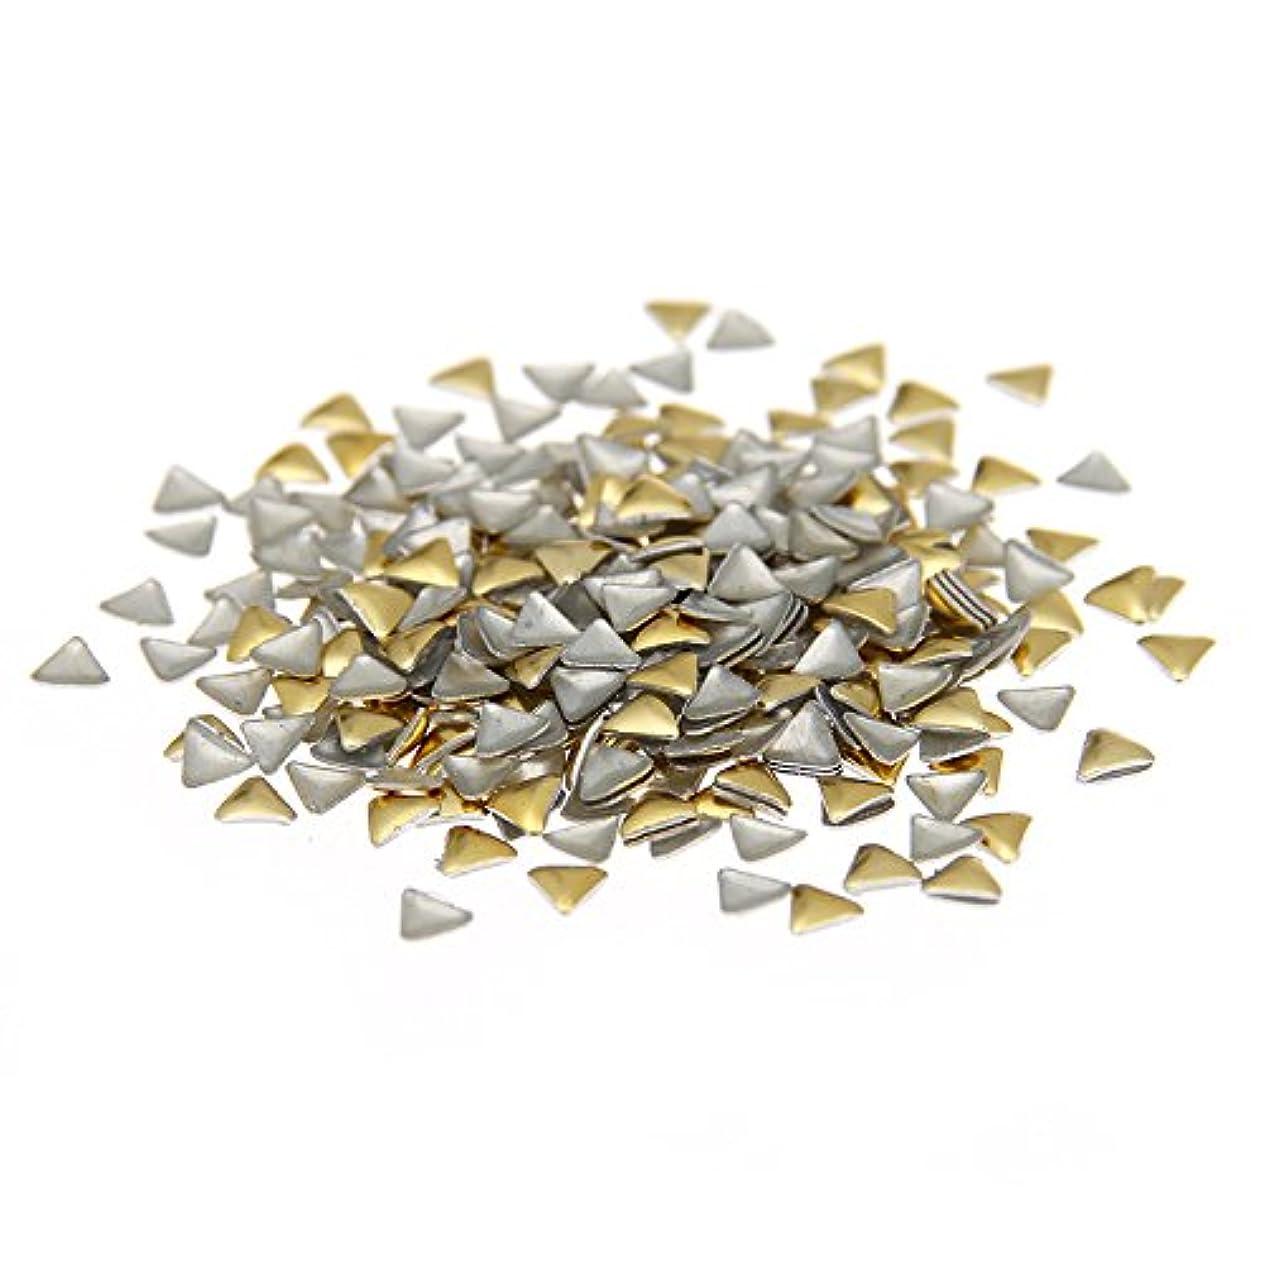 ばか付ける告白する3mm ゴールデン/シルバー ネイルアート装飾のための三角形 メタルステッカー (3mm 20000pcs, ゴールド)